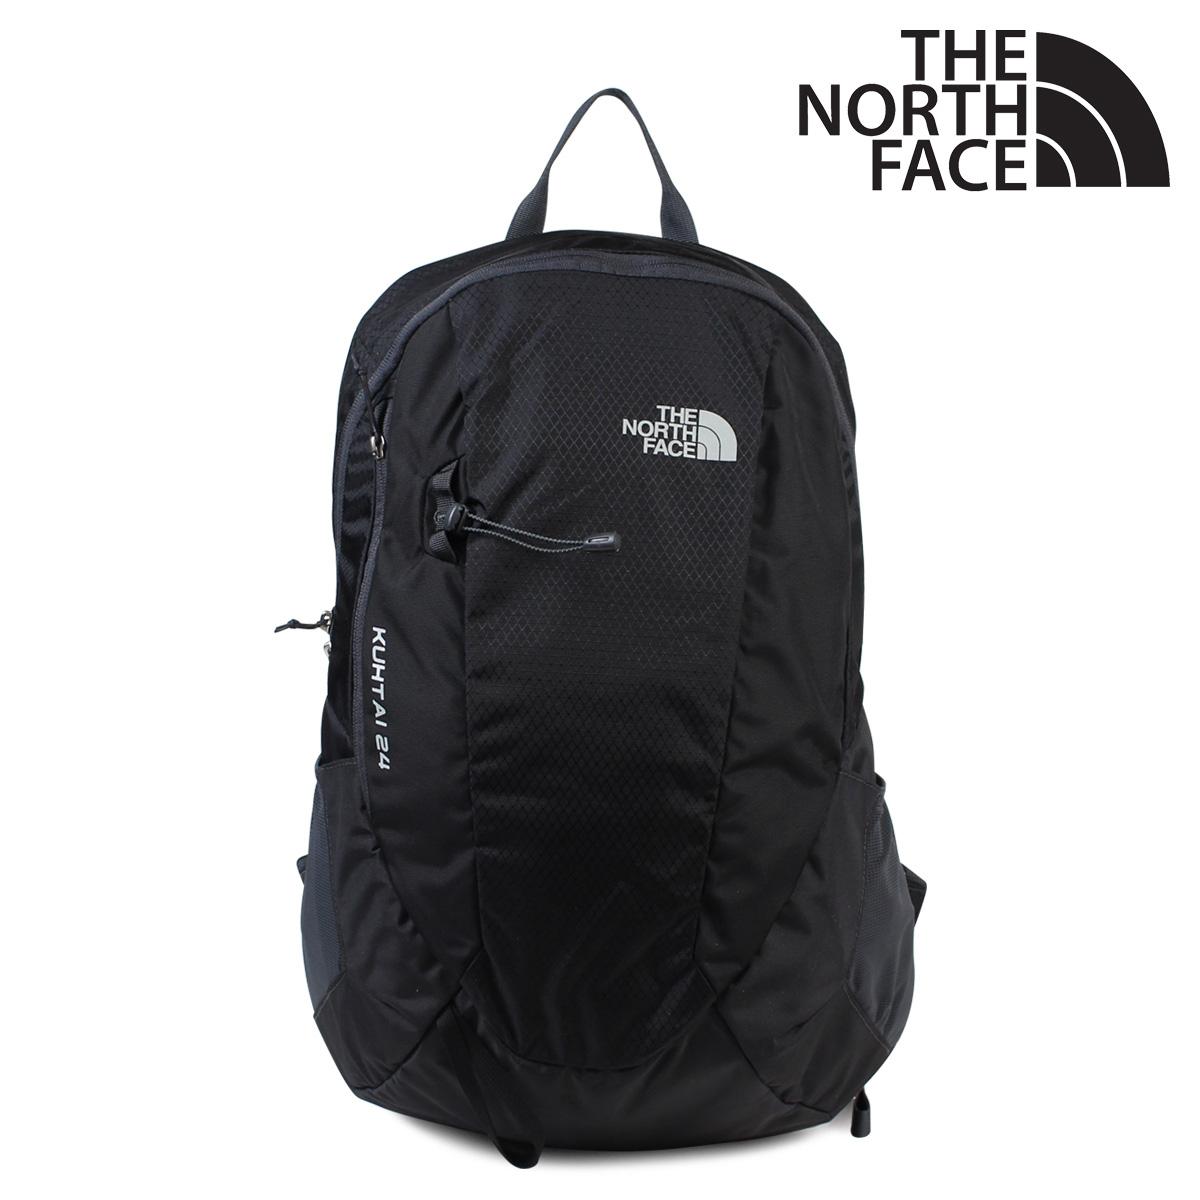 THE NORTH FACE リュック ノースフェイス メンズ レディース バックパック KUHTAI24 NFT92ZDL KT0 ブラック [179]